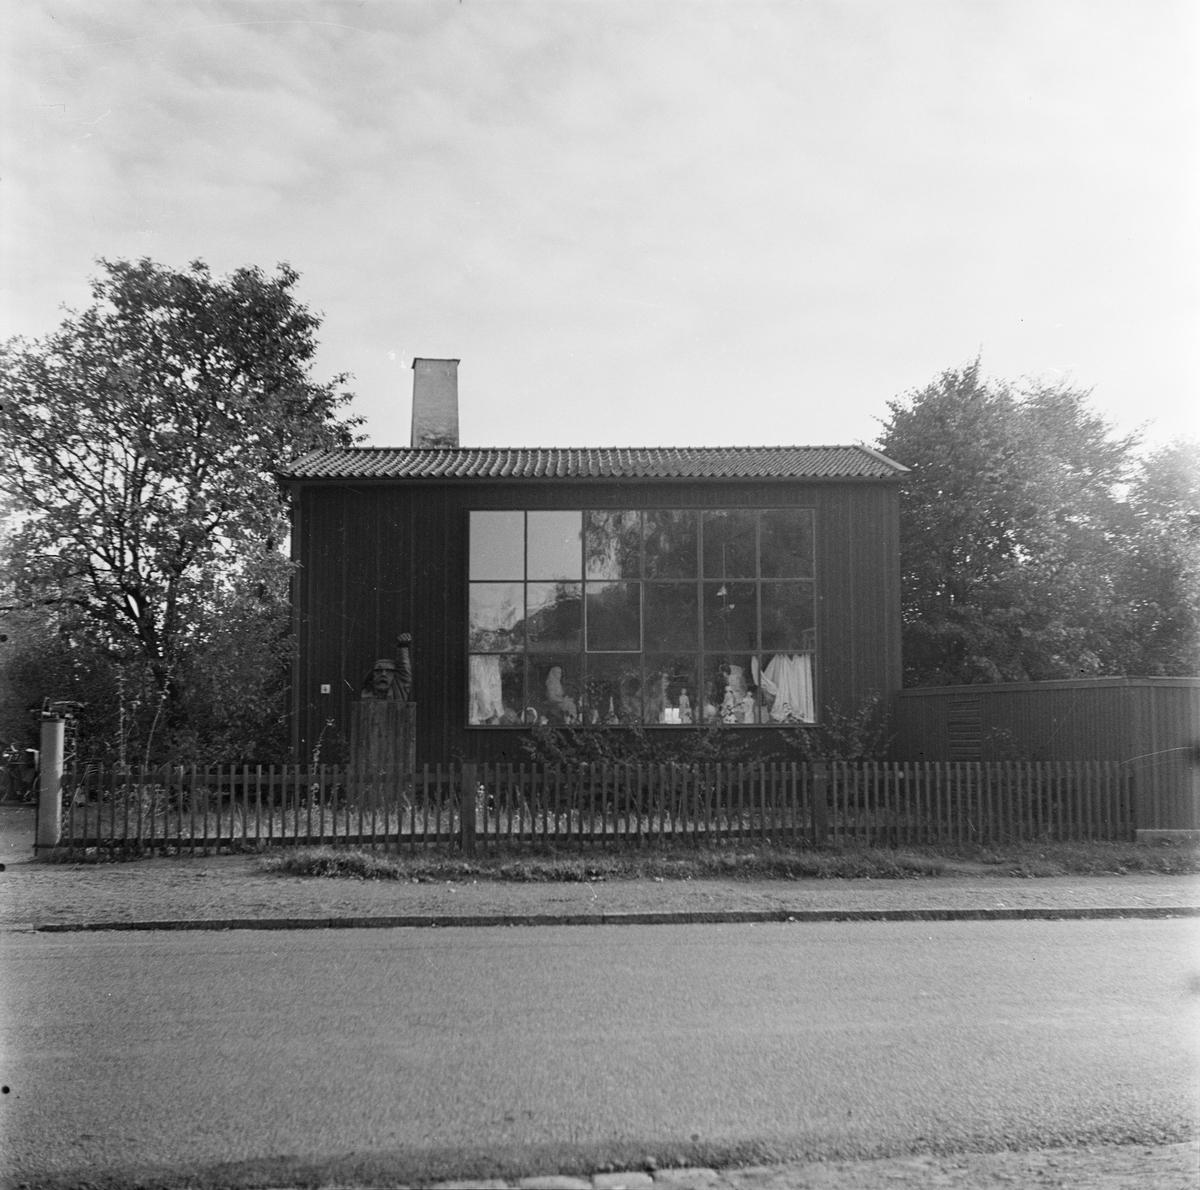 Konstnären Bror Hjorts bostad och ateljé, Norbyvägen 26, kvarteret Skjutbanan, Kåbo, Uppsala